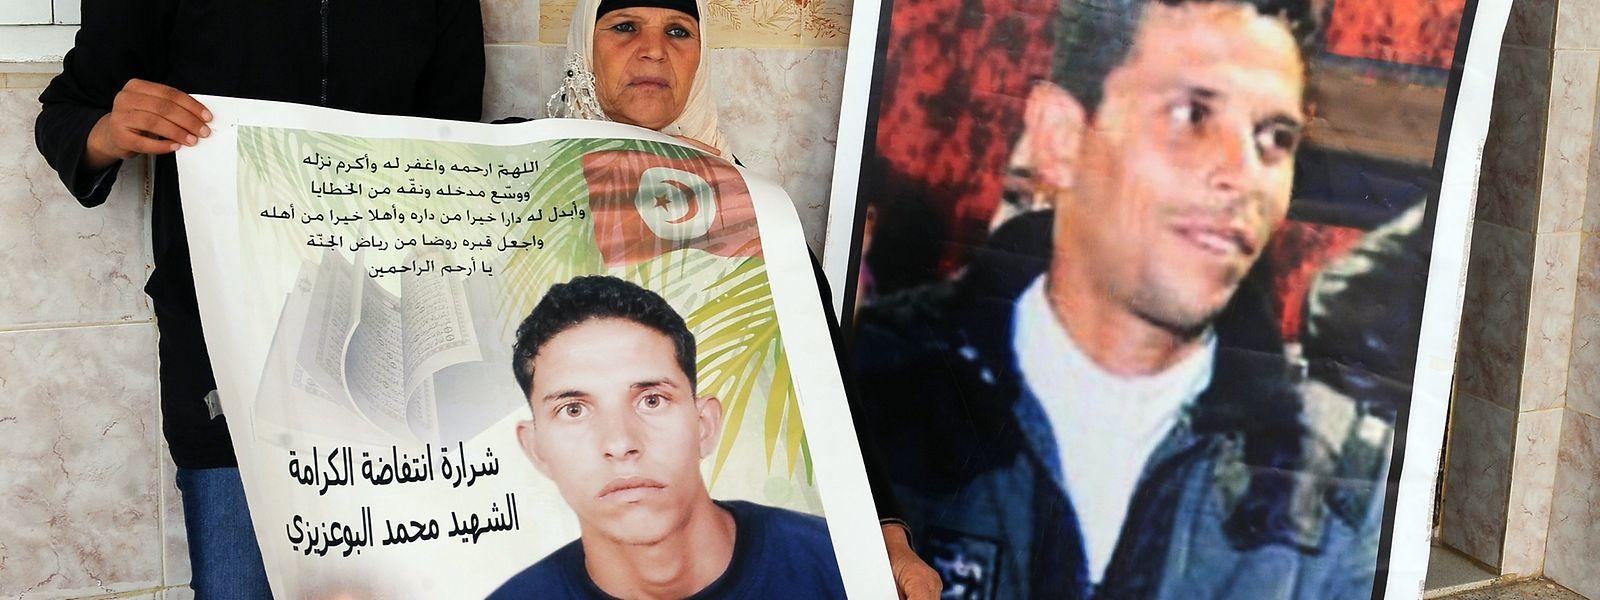 Au soir du 17 décembre 2010, Mohamed Bouazizi, marchand de légumes à Sidi Bouzid en Tunisie, s'est immolé par le feu.